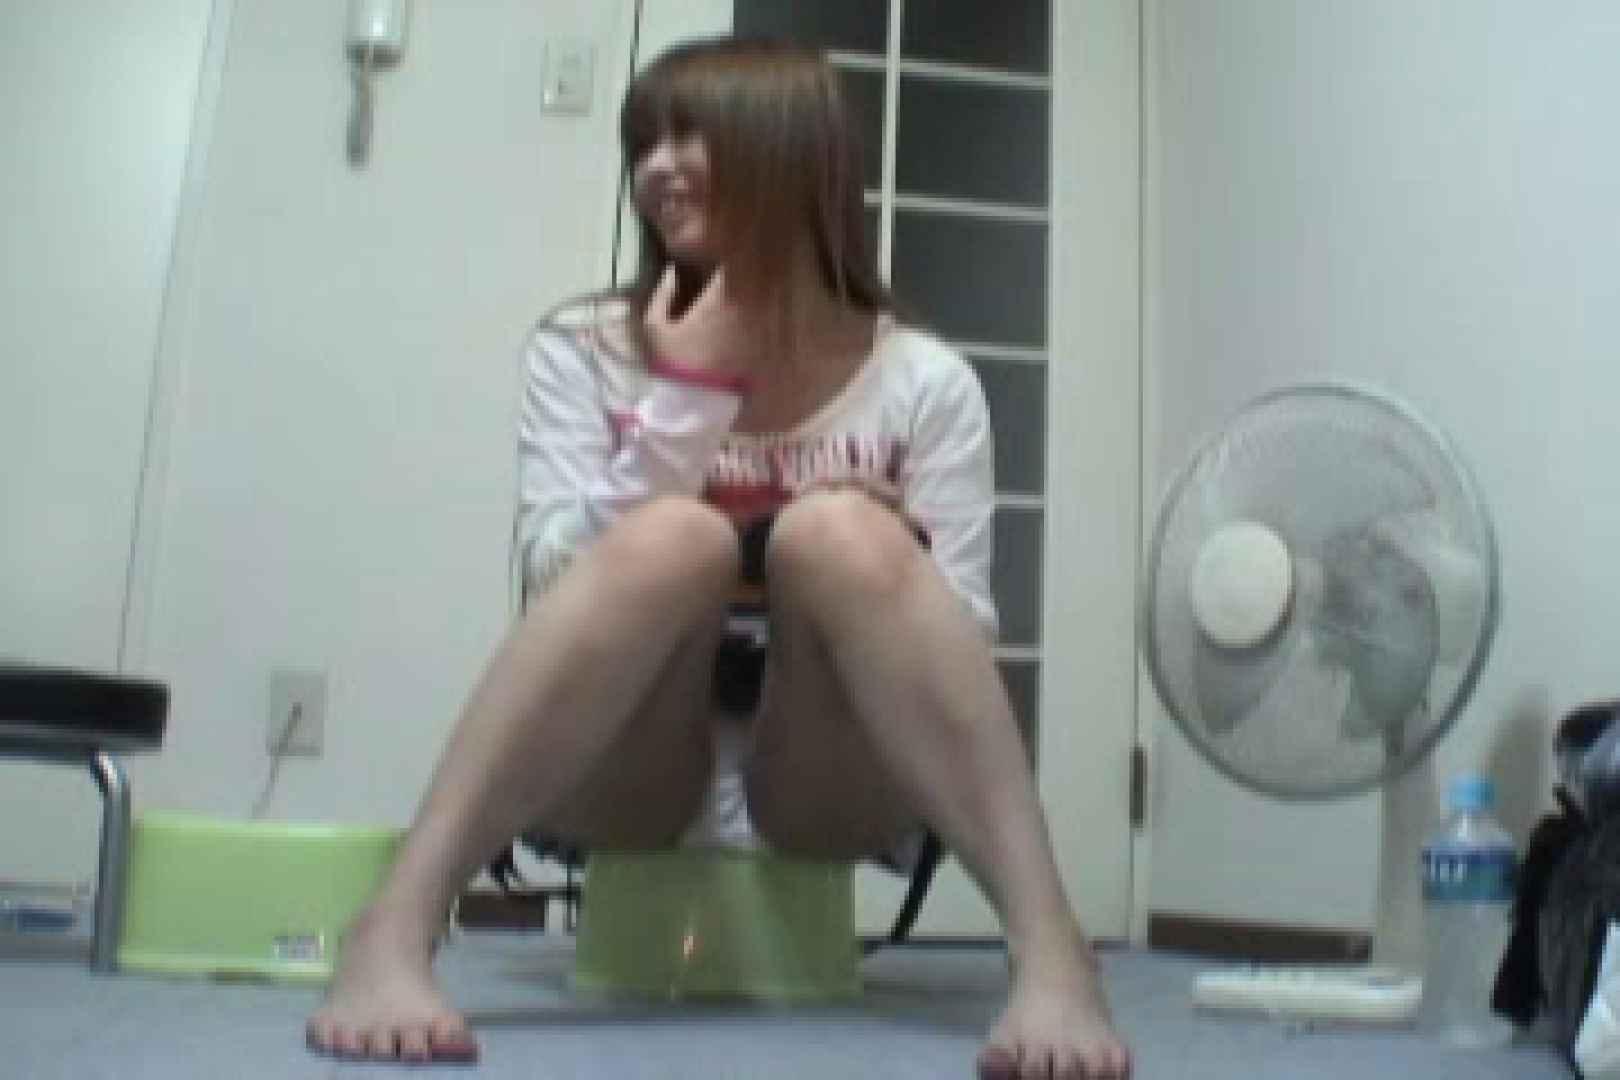 パンツ売りの女の子 ゆづきちゃんvol.1 フェラ 性交動画流出 60枚